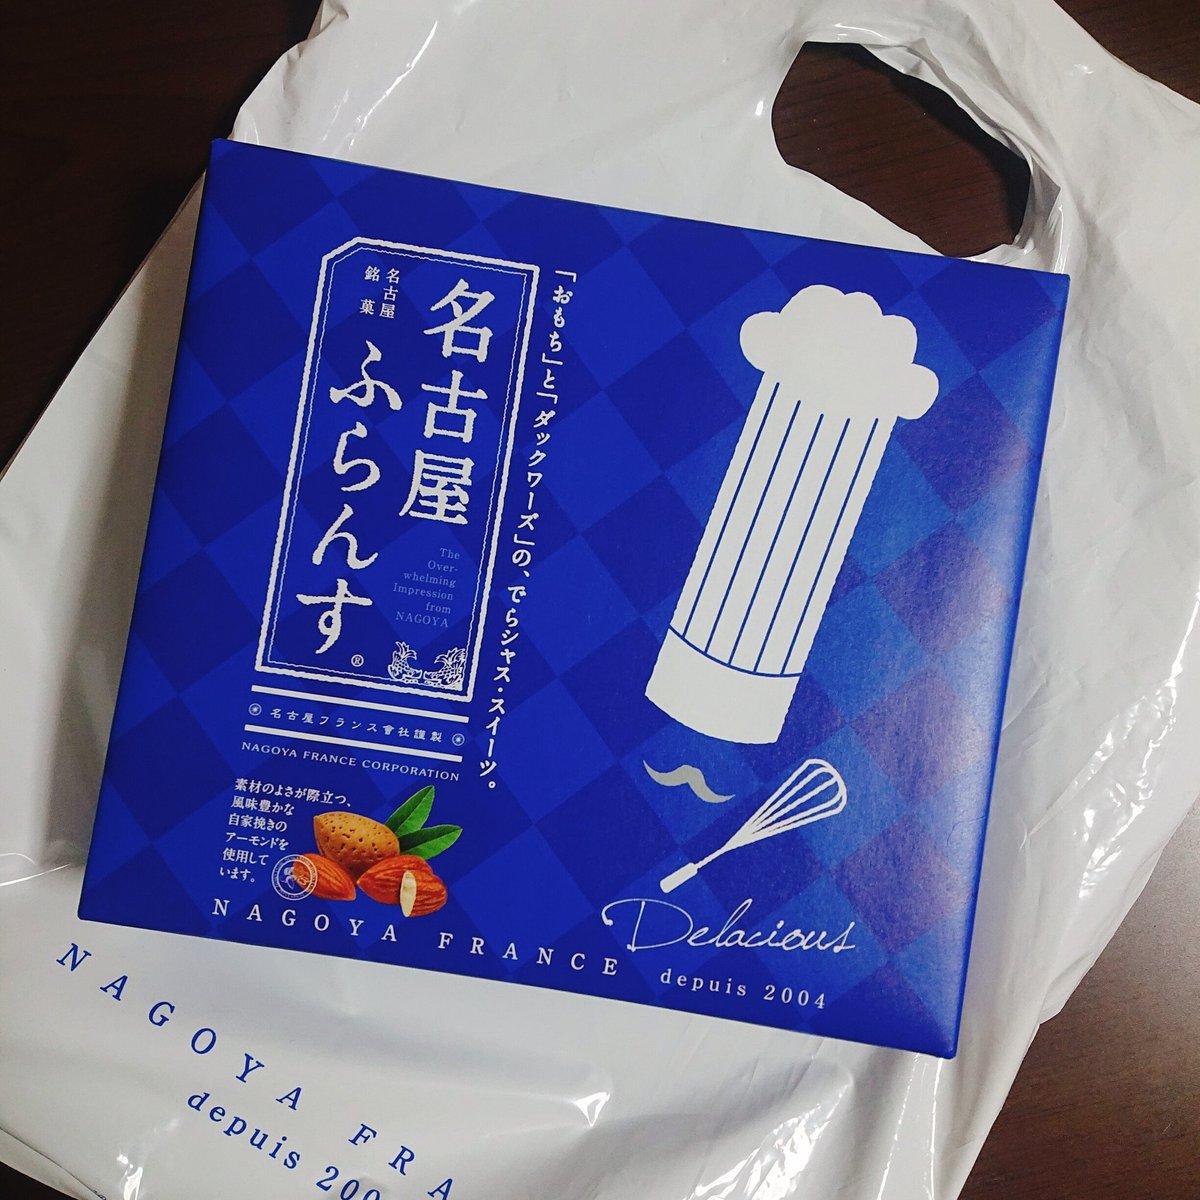 test ツイッターメディア - 名古屋土産をもらう名古屋人😎 わたしは面倒くさがってゆかりしか買ってきませんが、オススメなので名古屋土産にはぜひ名古屋ふらんすを。 https://t.co/n643cCHR2D